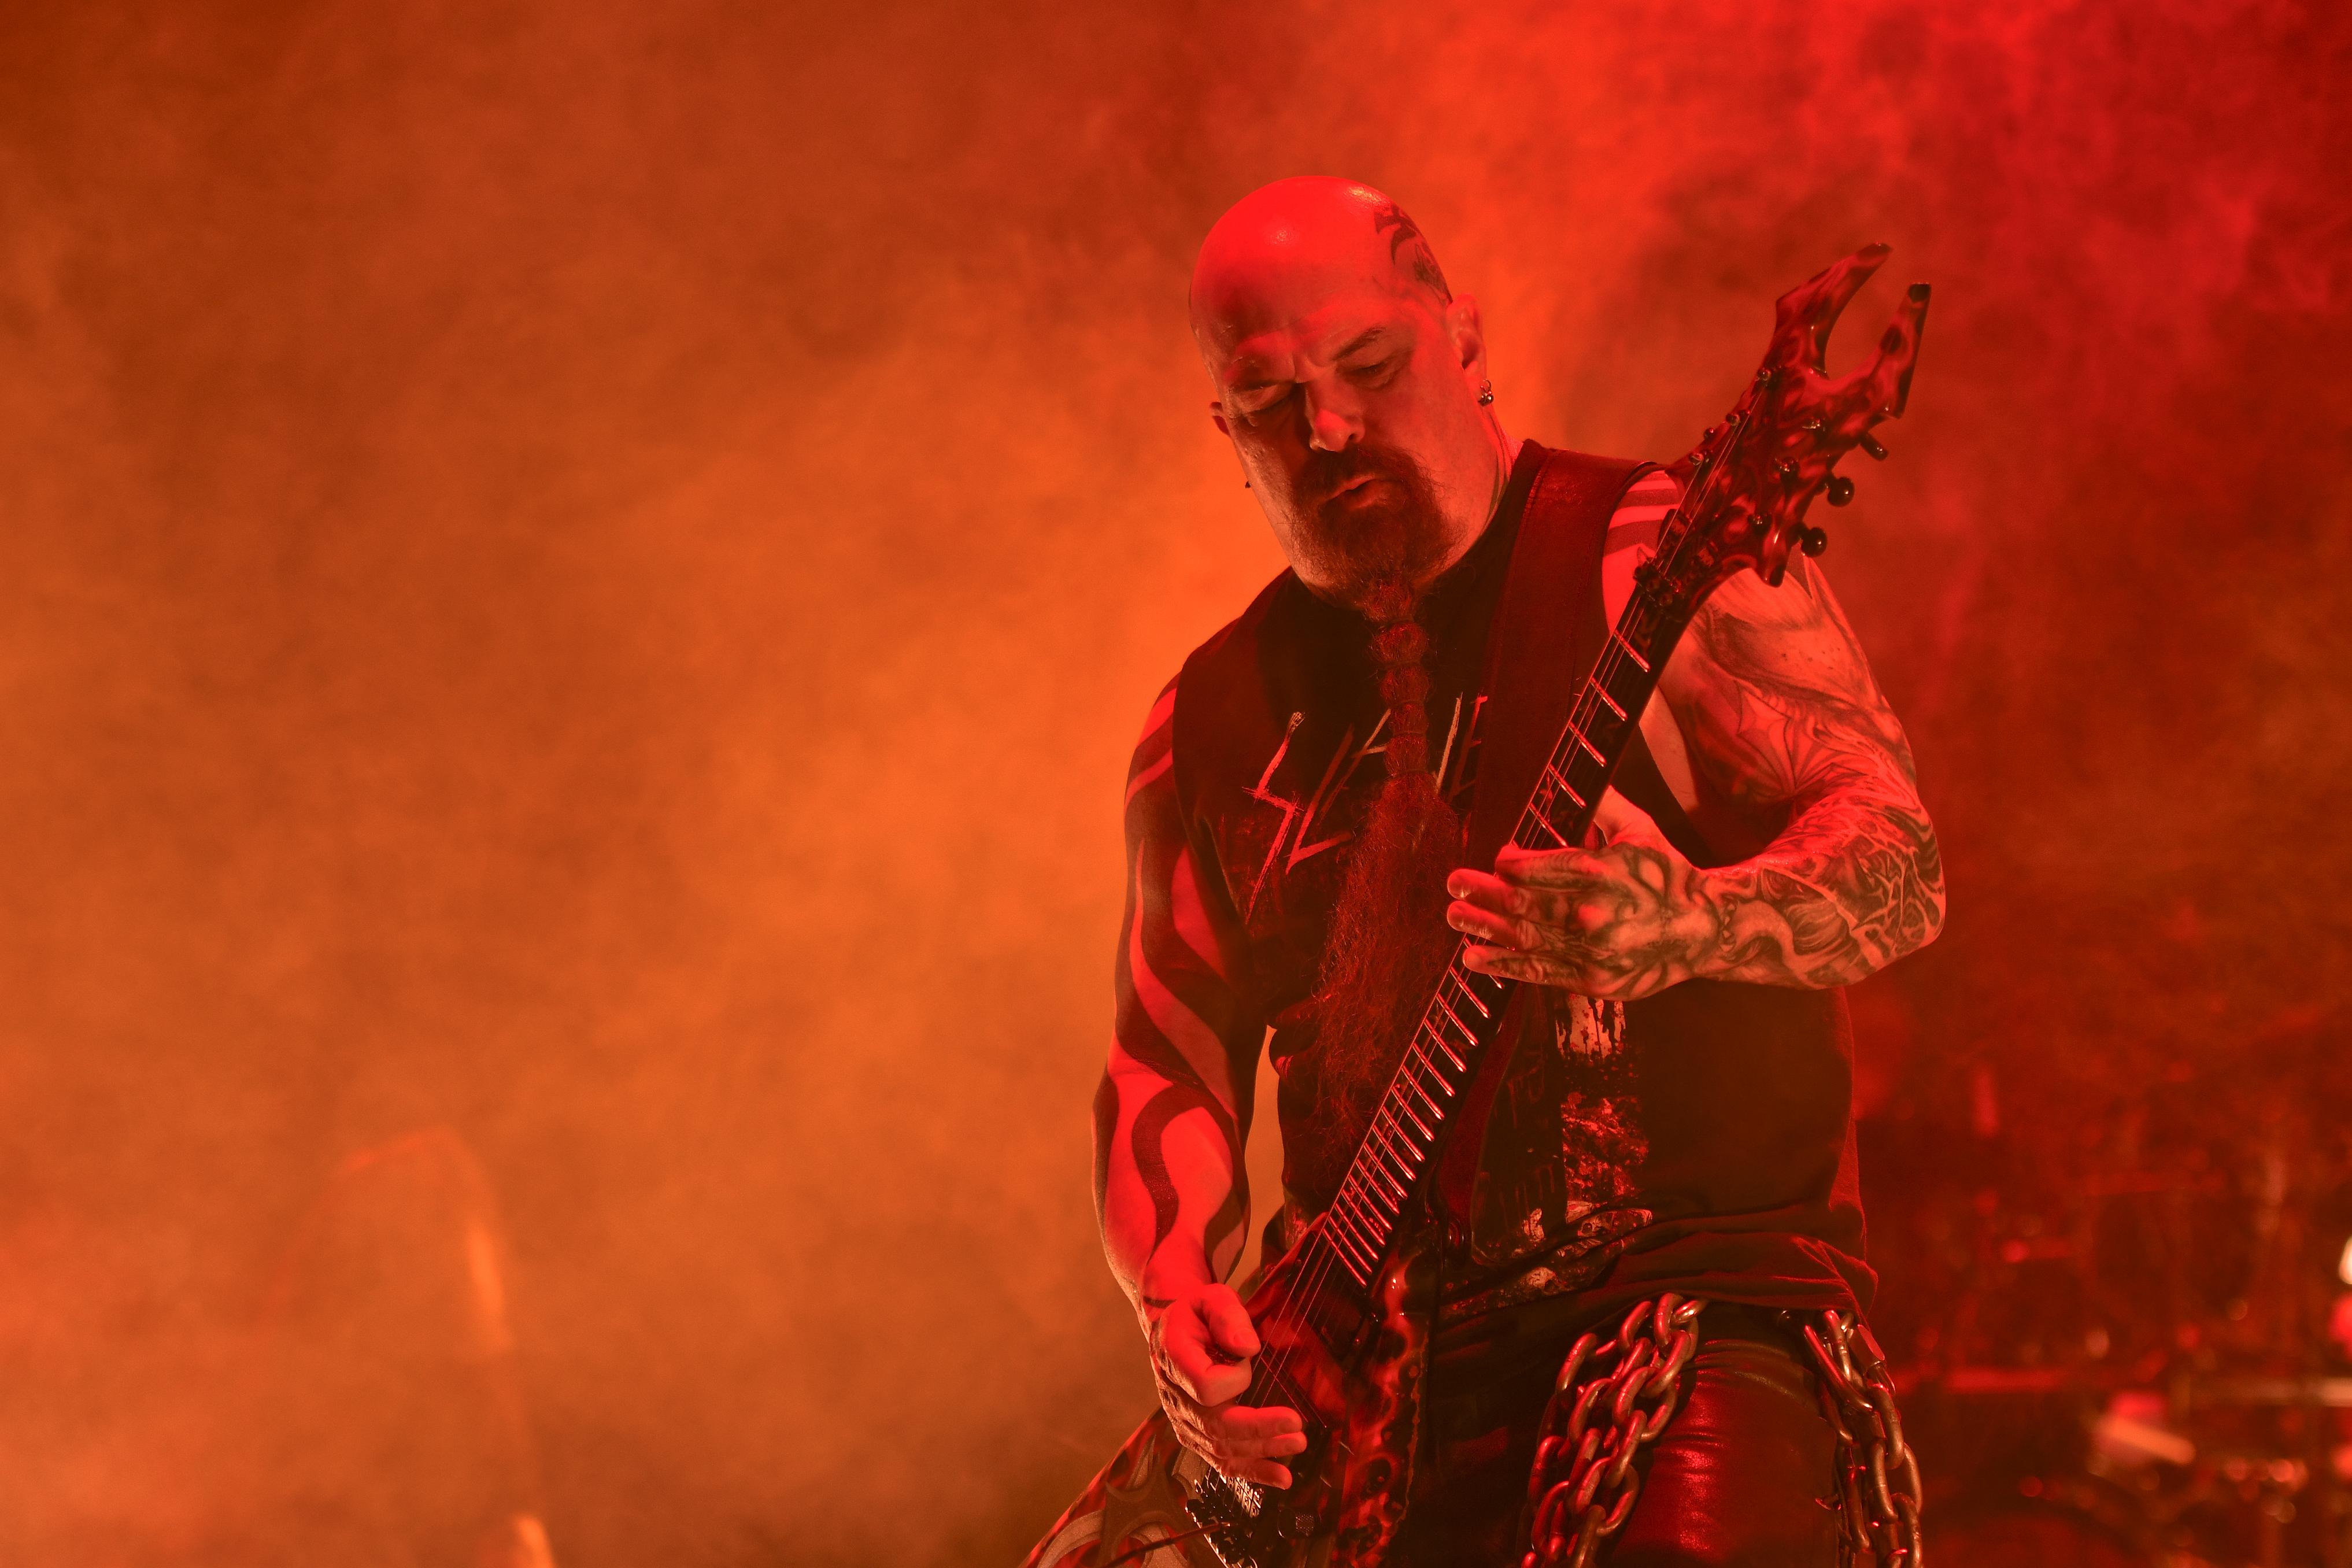 A Slayer a tömeggyilkosság miatt lemondta a christchurch-i koncertjét